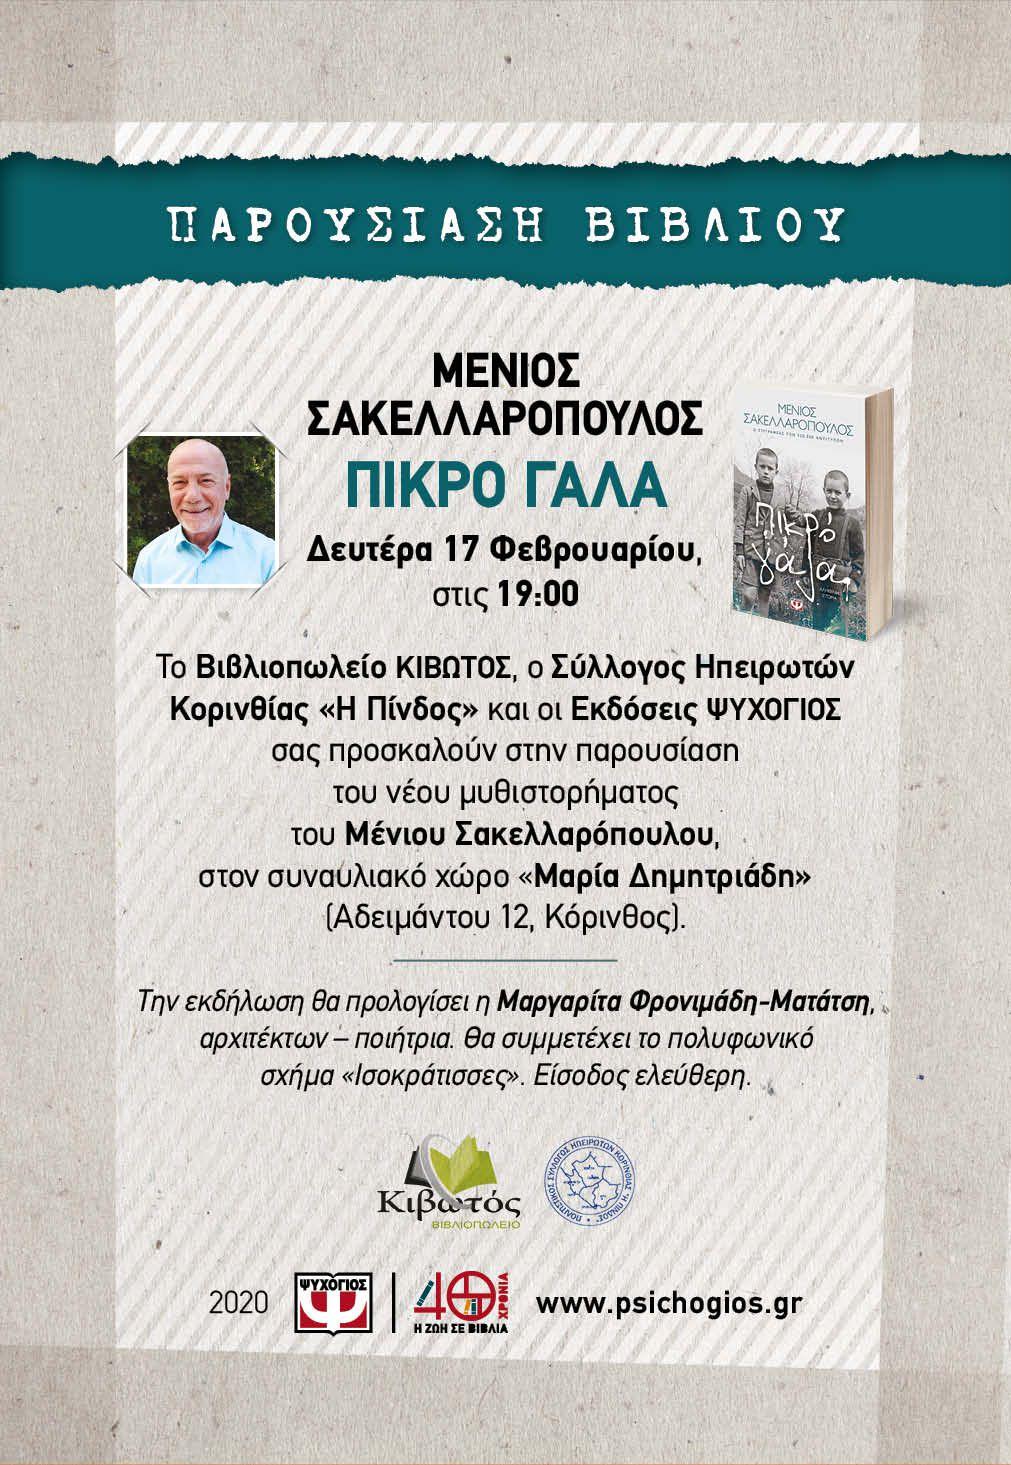 Ο Μένιος Σακελλαρόπουλος στην Κόρινθο